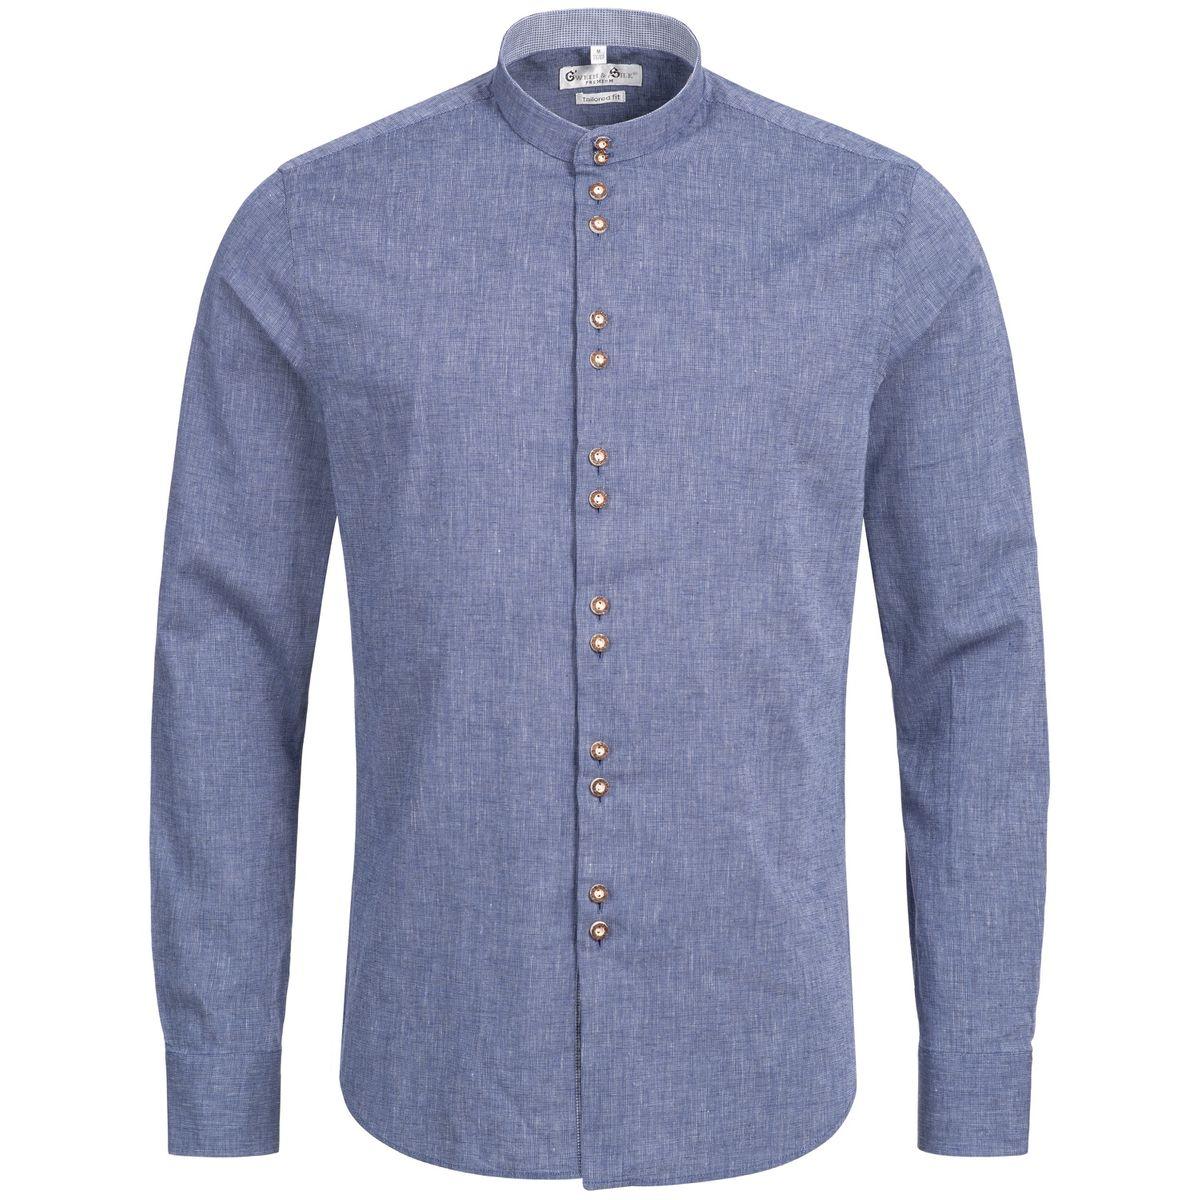 Trachtenhemd Body Fit Tegernsee in Blau von Gweih und Silk günstig online kaufen